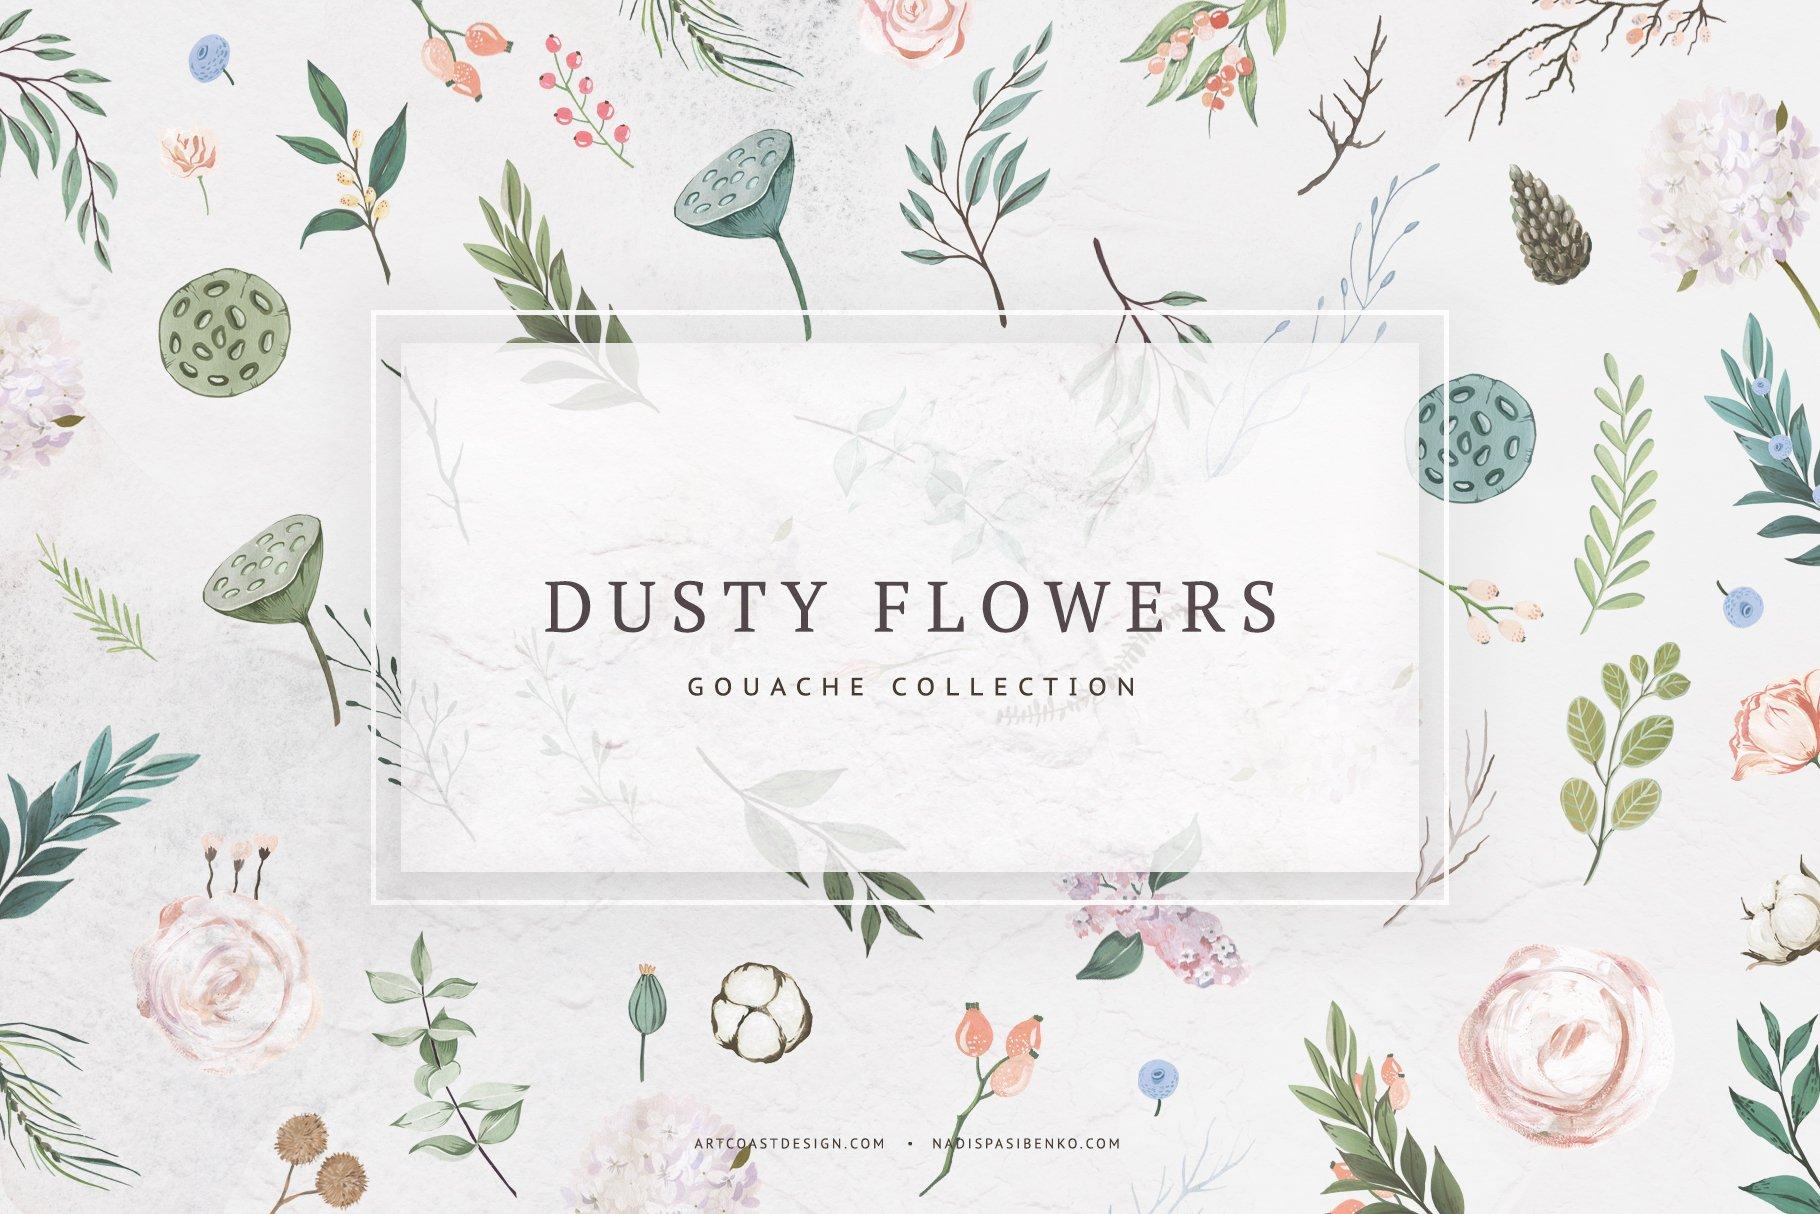 哑光油漆质感花卉树叶手绘水彩画PNG透明图片素材 Gouache Dusty Flowers插图